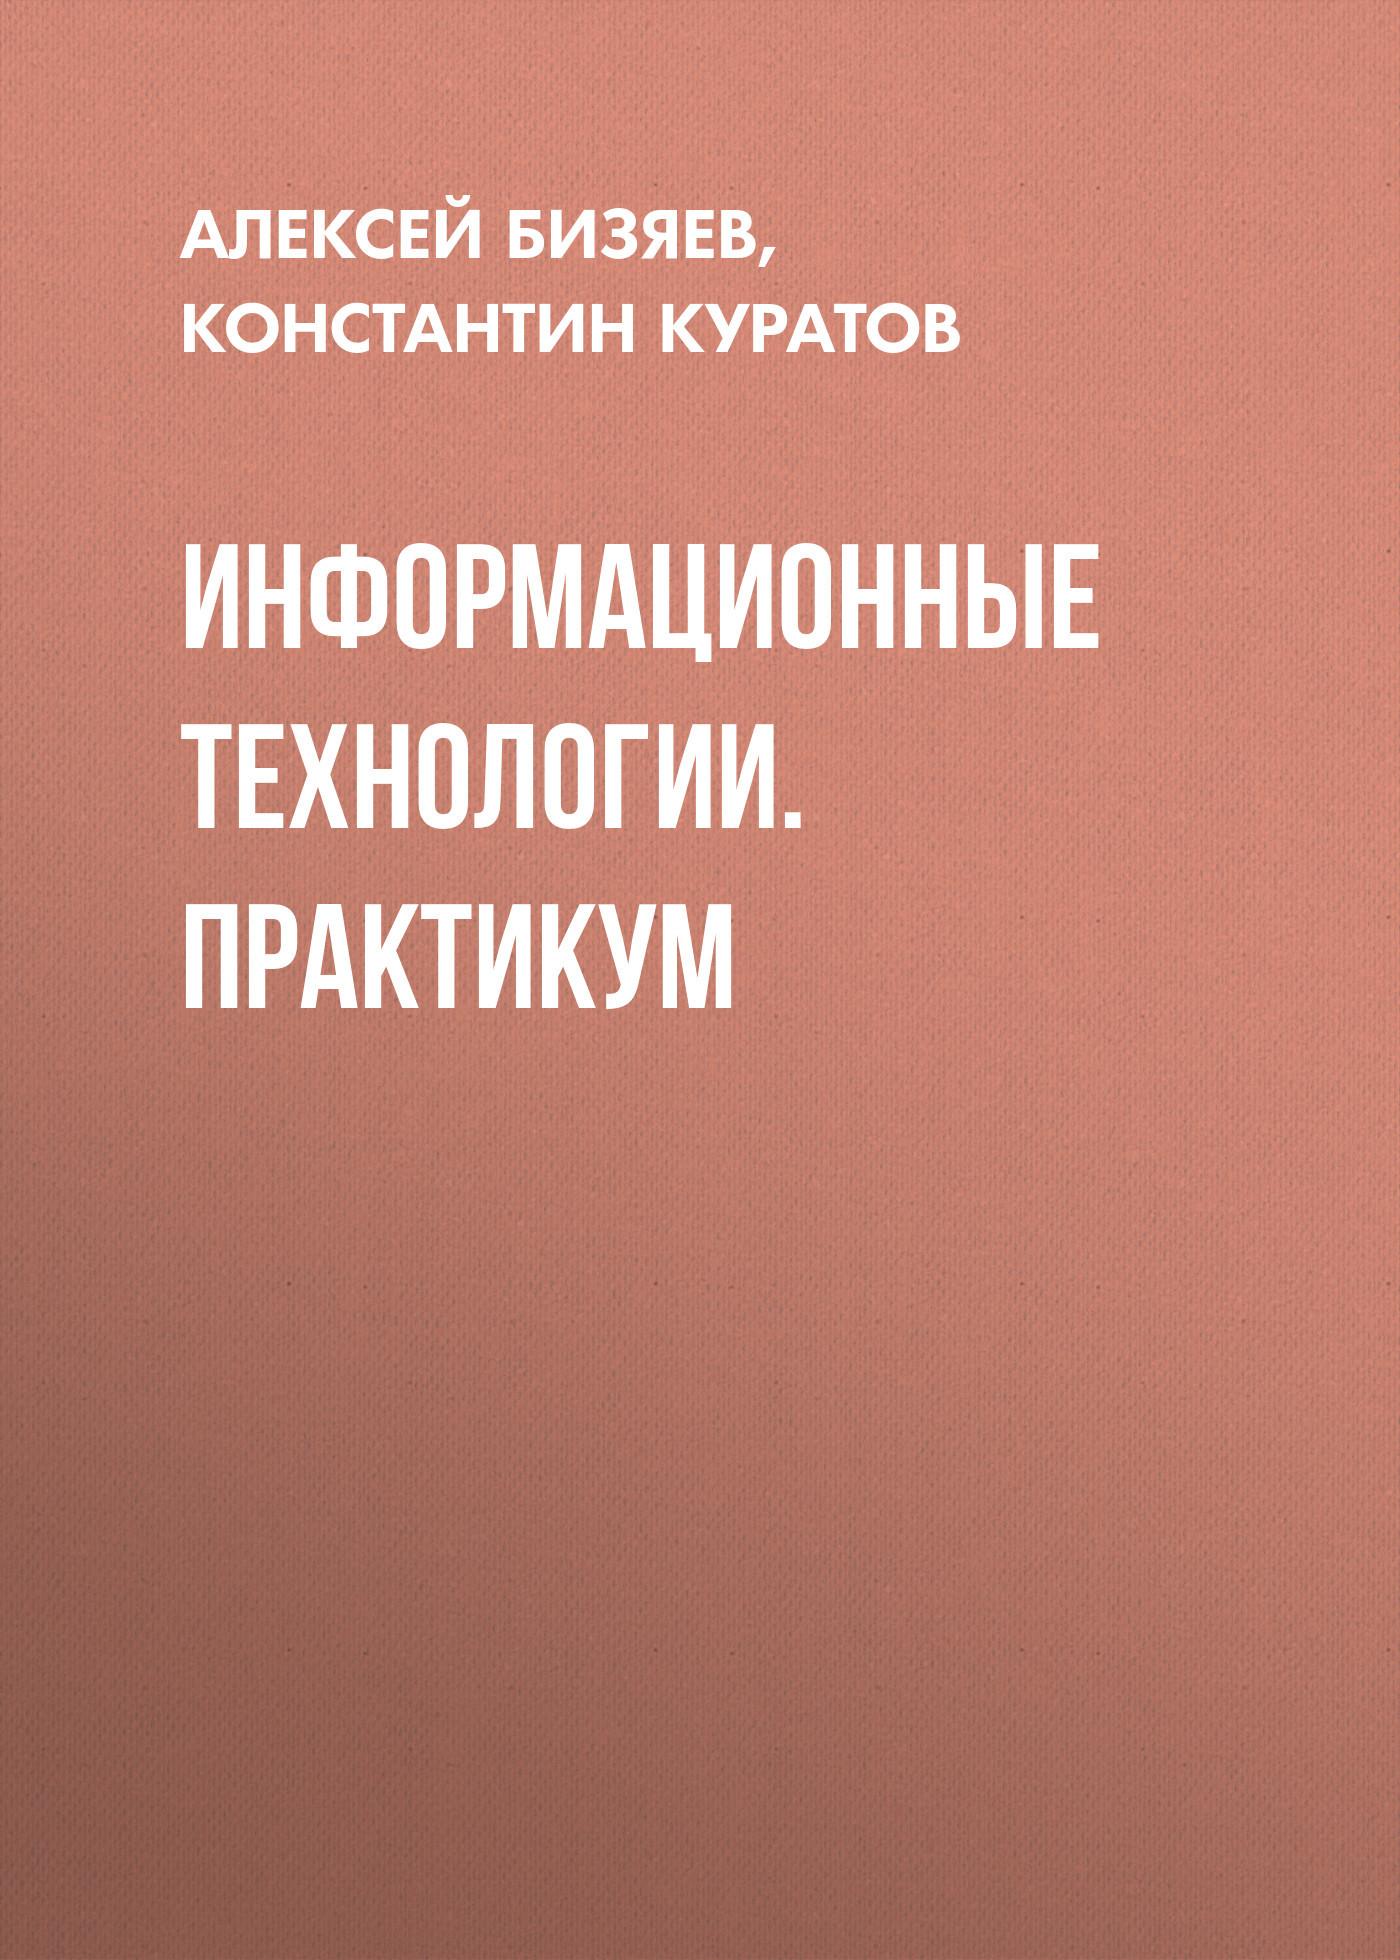 Алексей Бизяев Информационные технологии. Практикум корабельные оптические системы связи